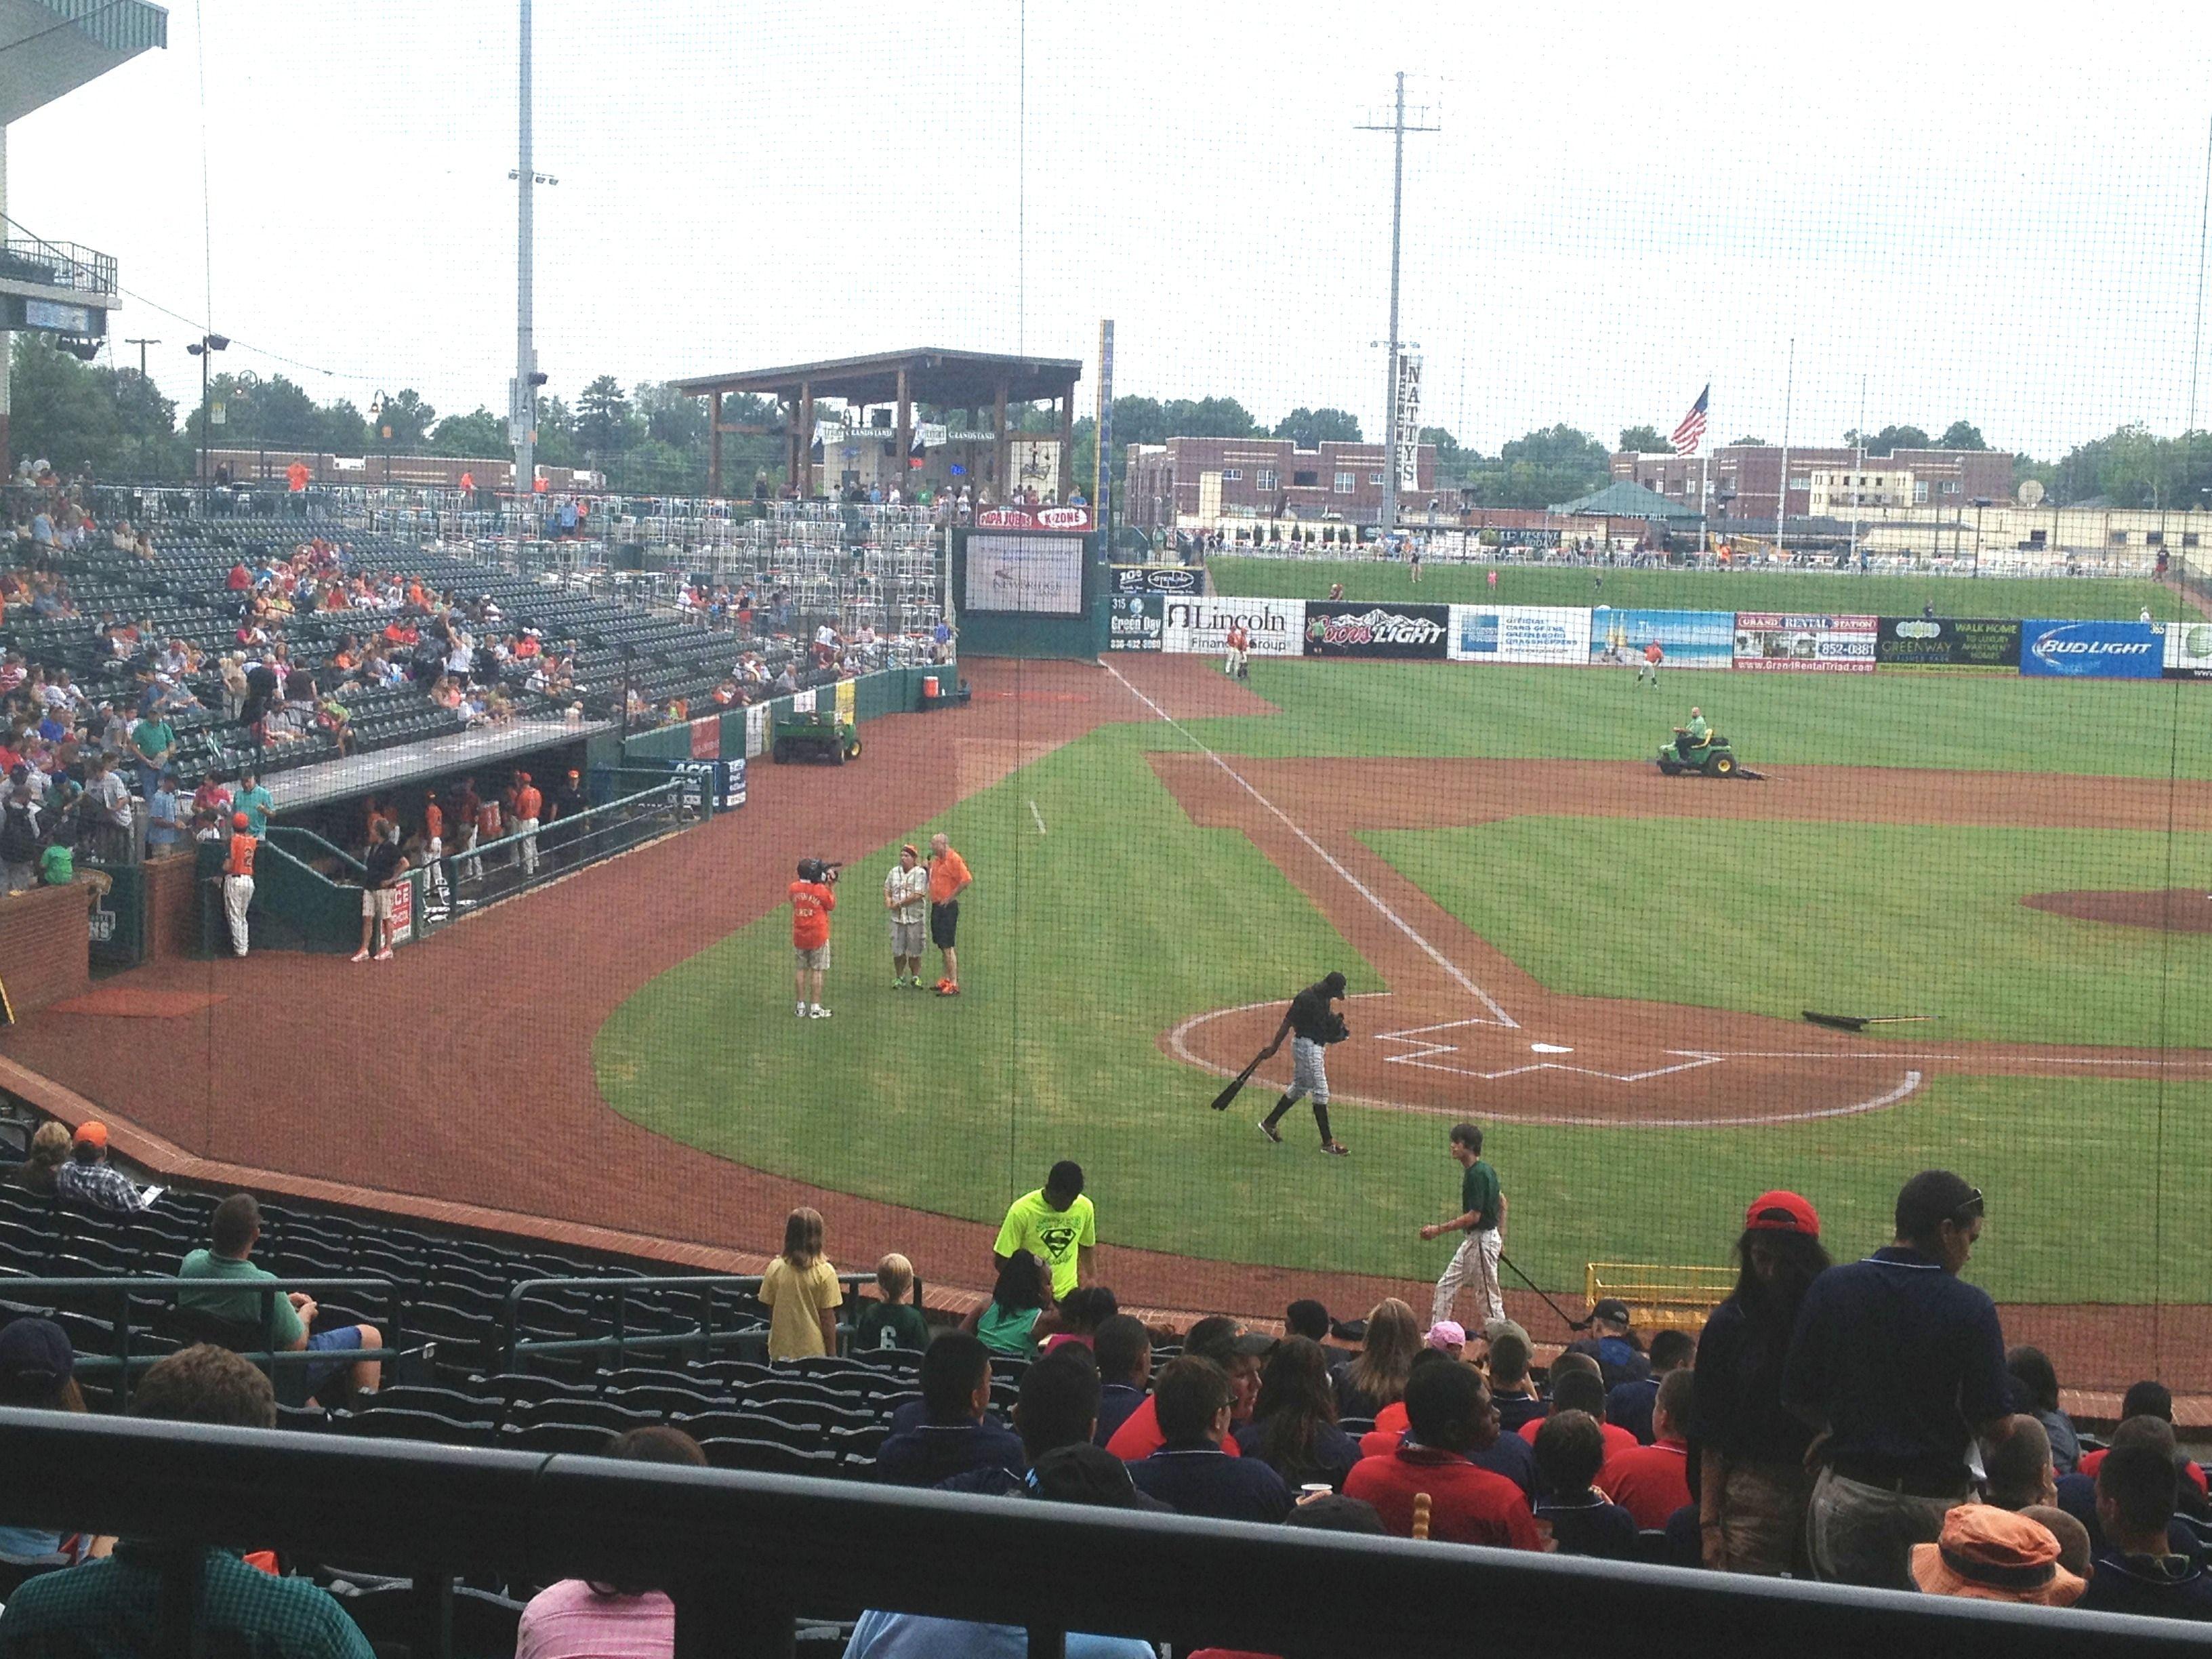 The Greensboro Grasshoppers Facing The Delmarva Shorebirds At The 5th Annual Home Run For Homelessness Homerun Greensboro Baseball Field